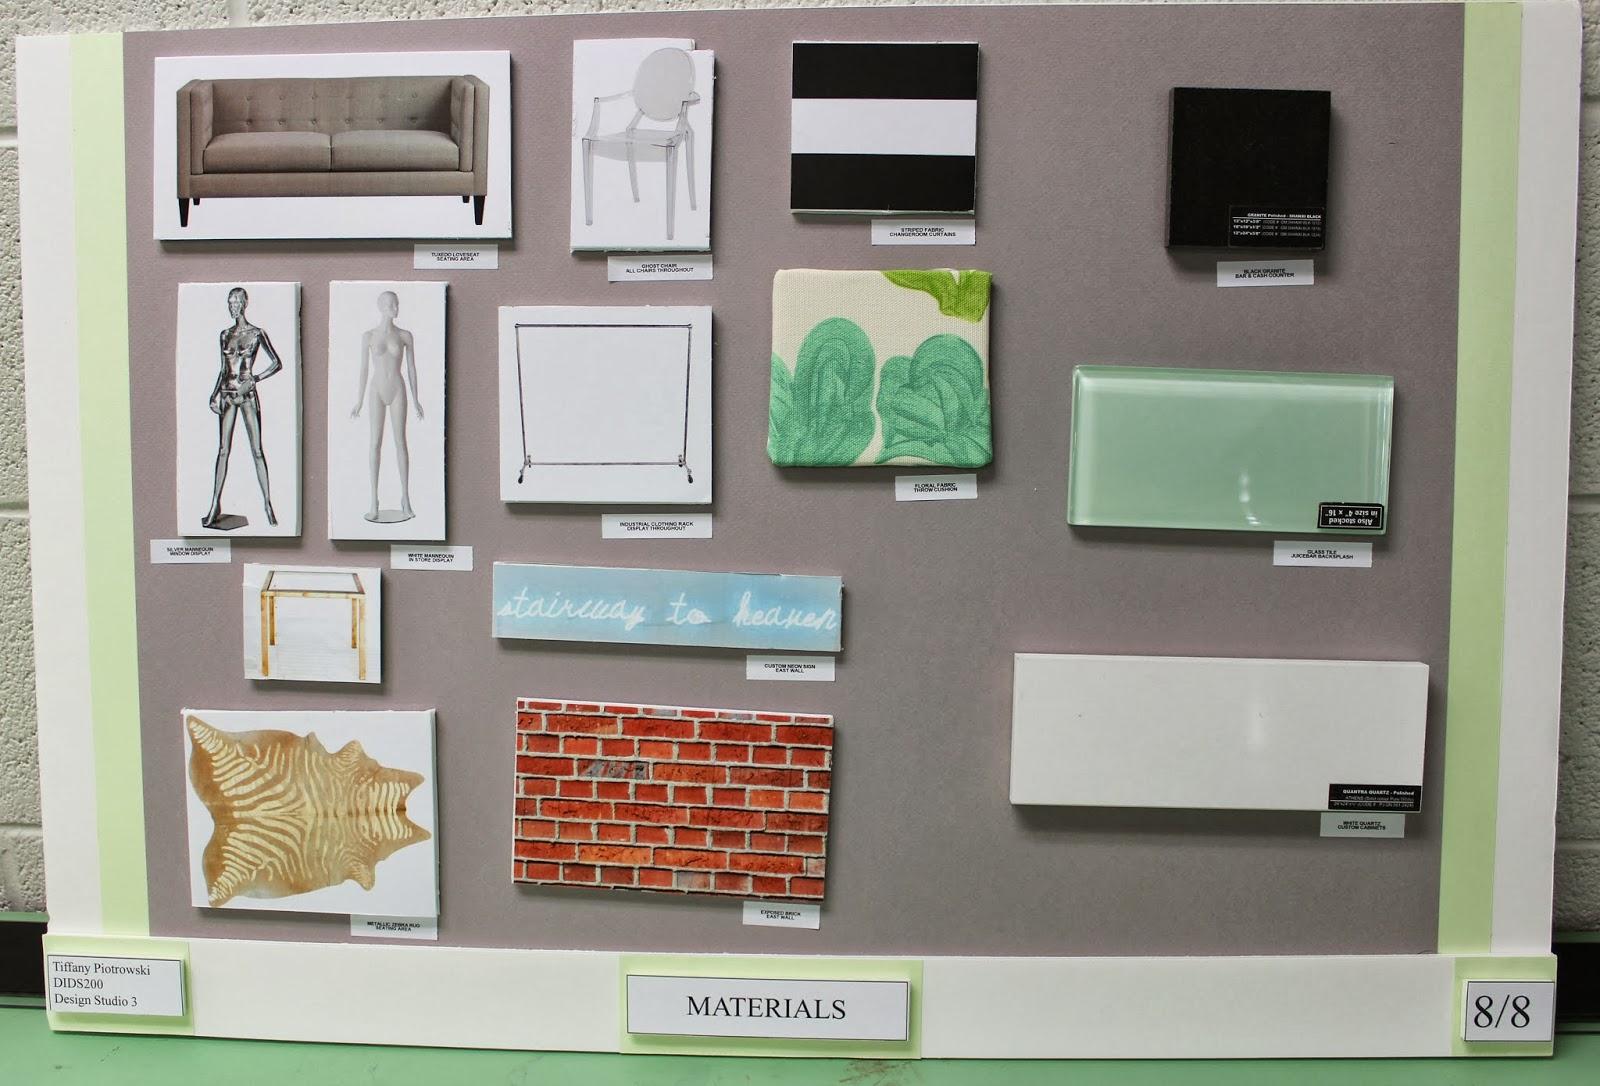 Interior design concept statement example restaurant